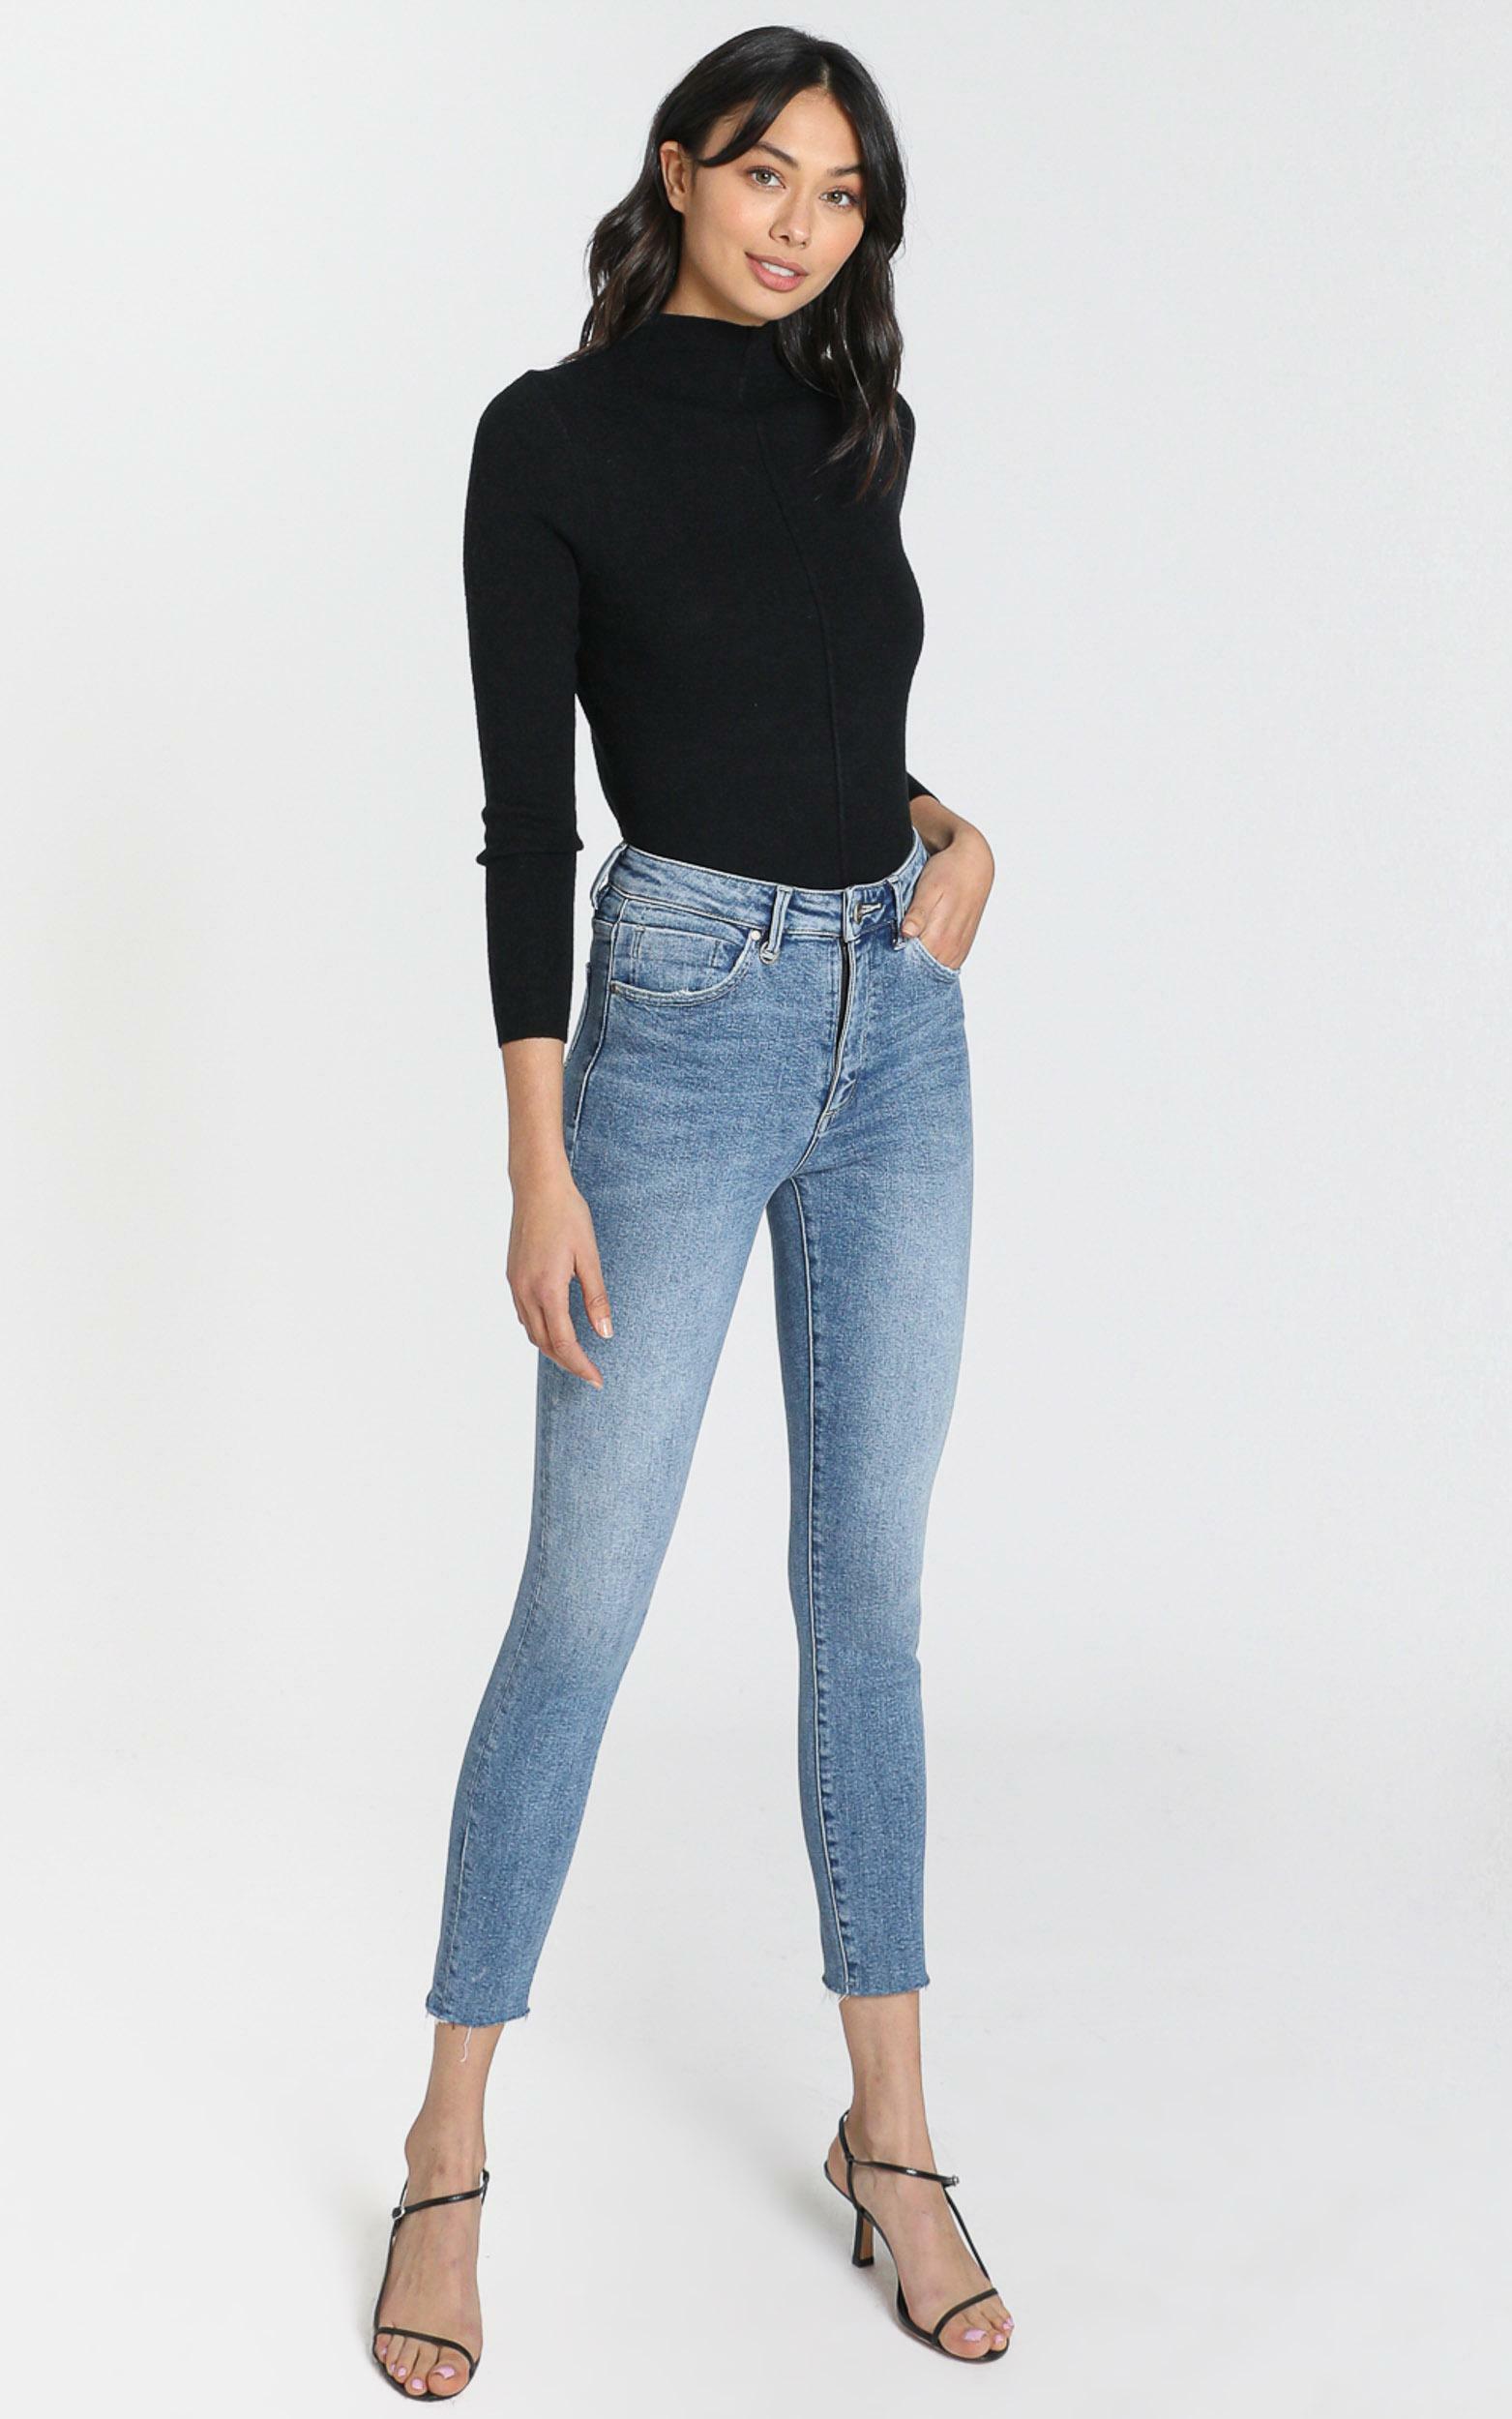 Neuw - Marilyn Skinny Jeans in Broken Blue - 06, BLU1, hi-res image number null